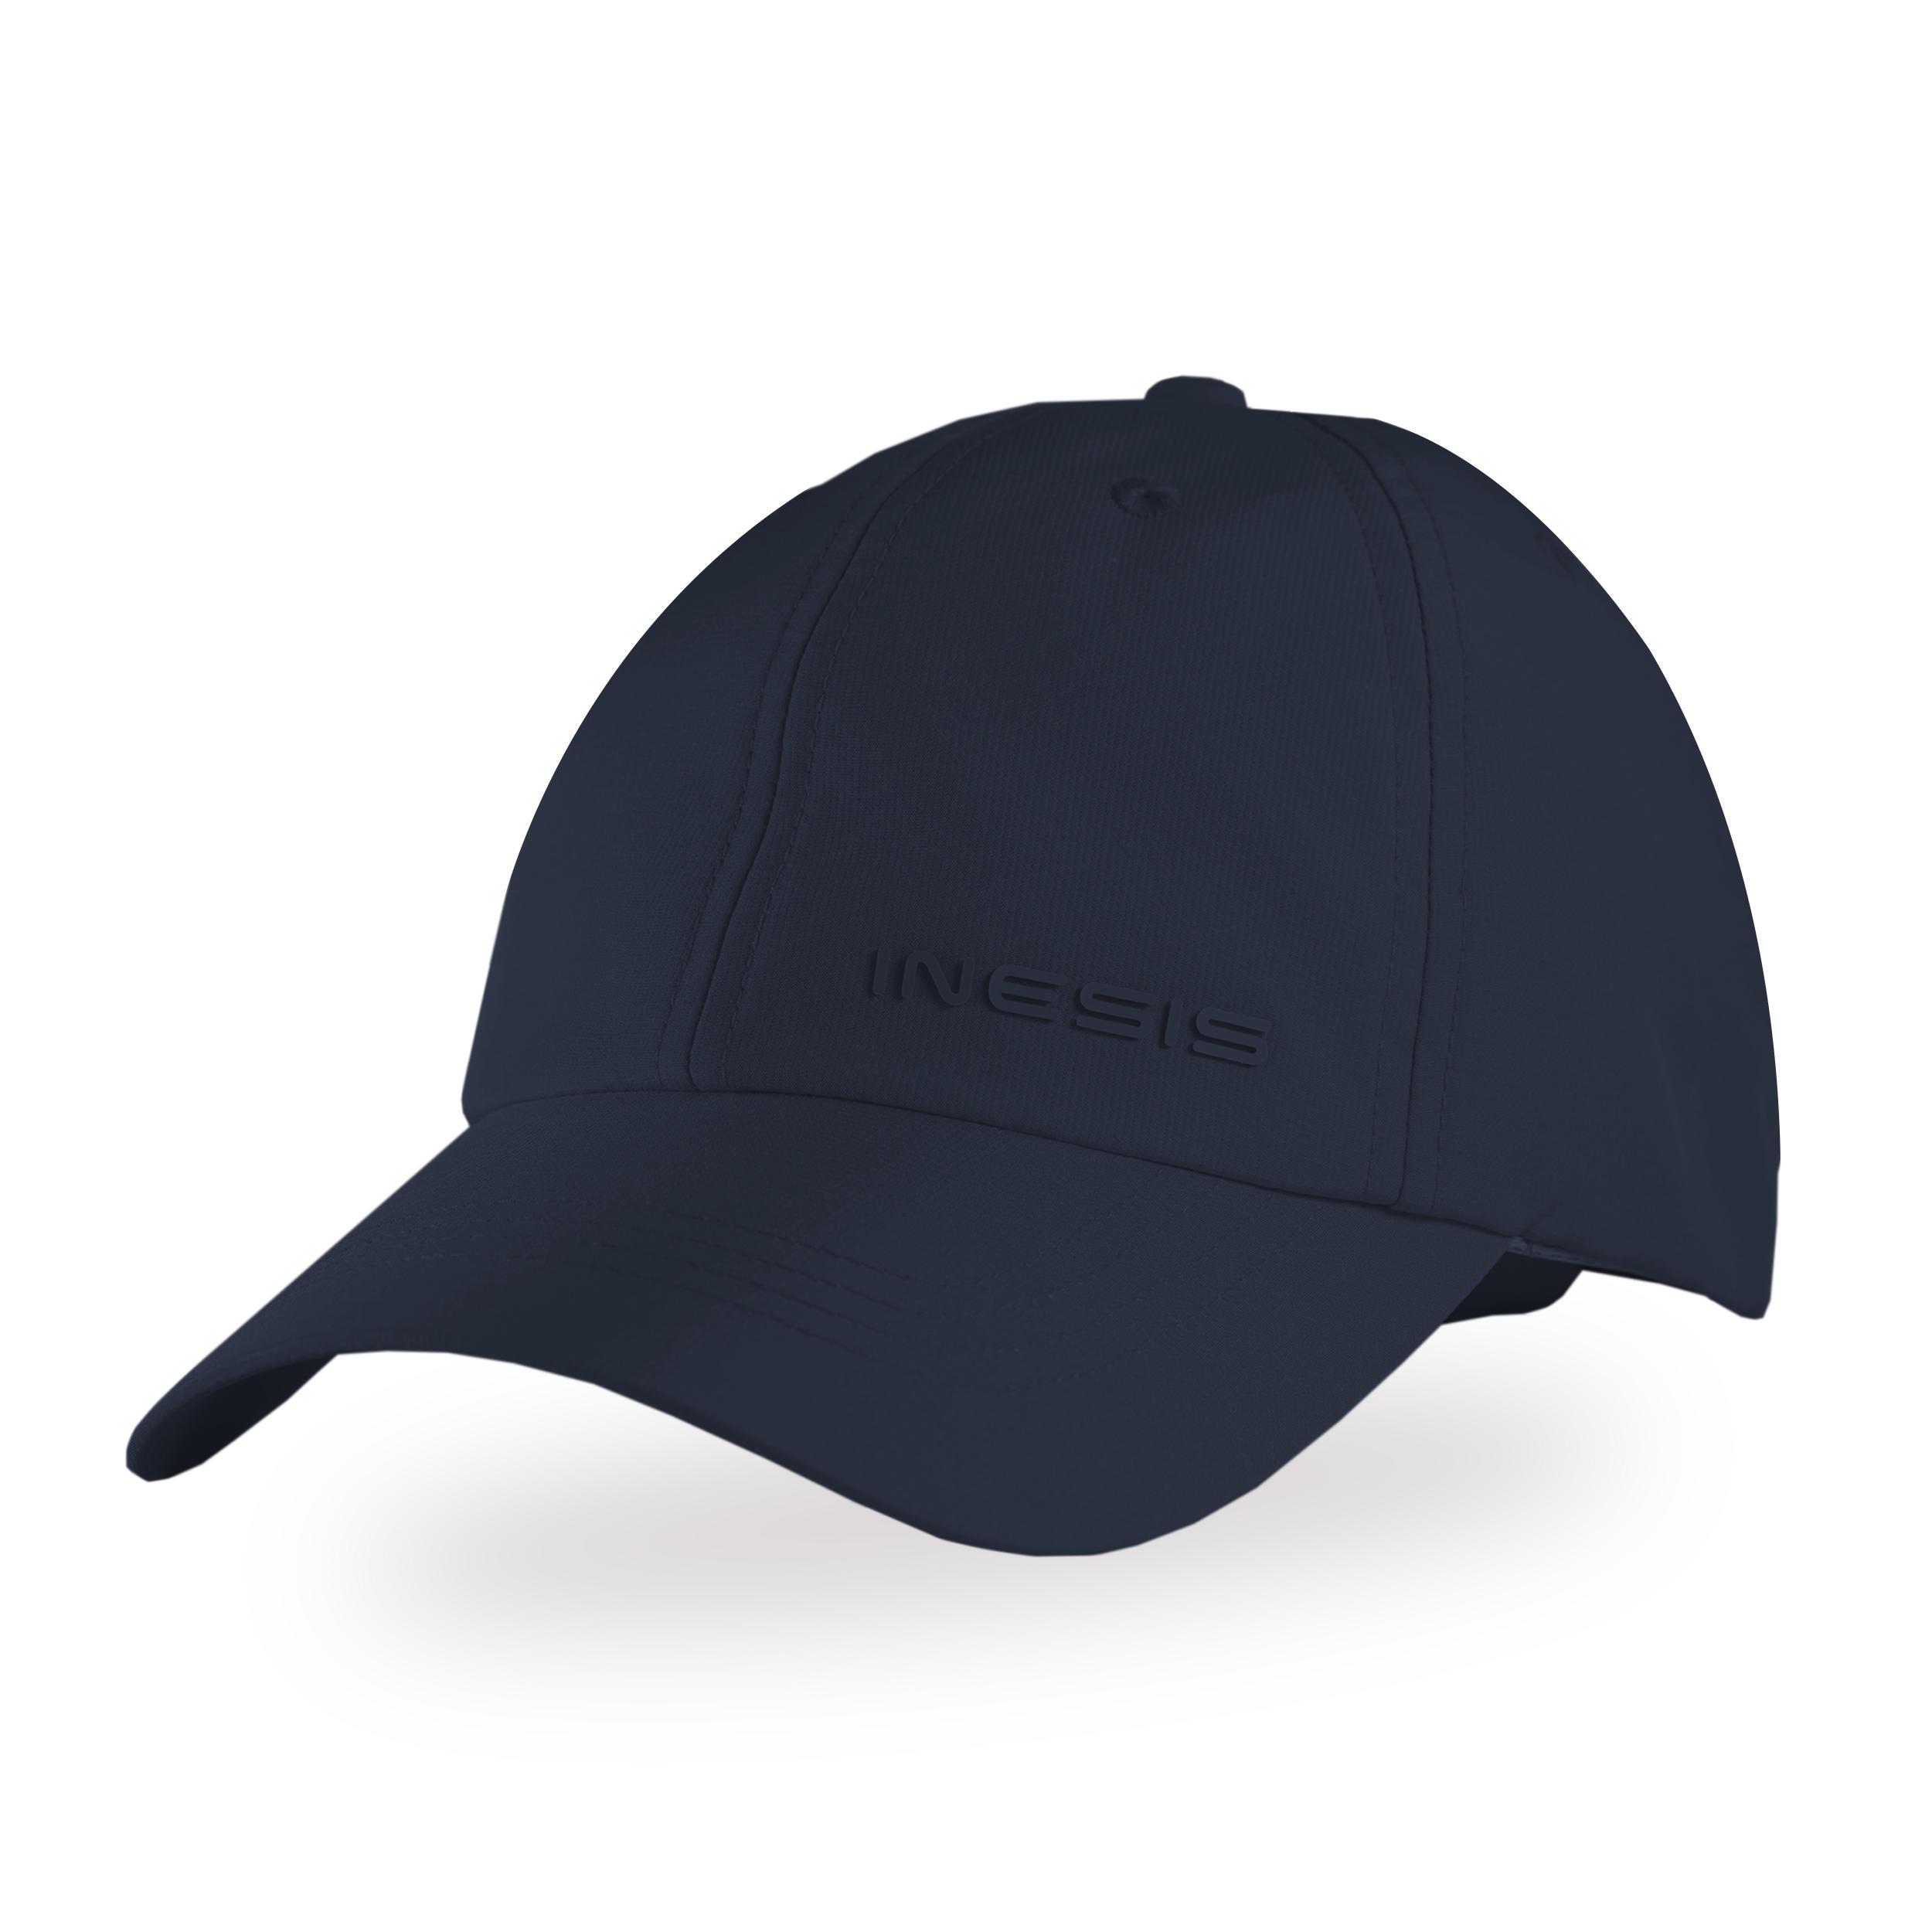 a3efc28e55fce Comprar gorras viseras de golf online decathlon jpg 2000x2000 Niña decathlon  artista gorras de basquebol